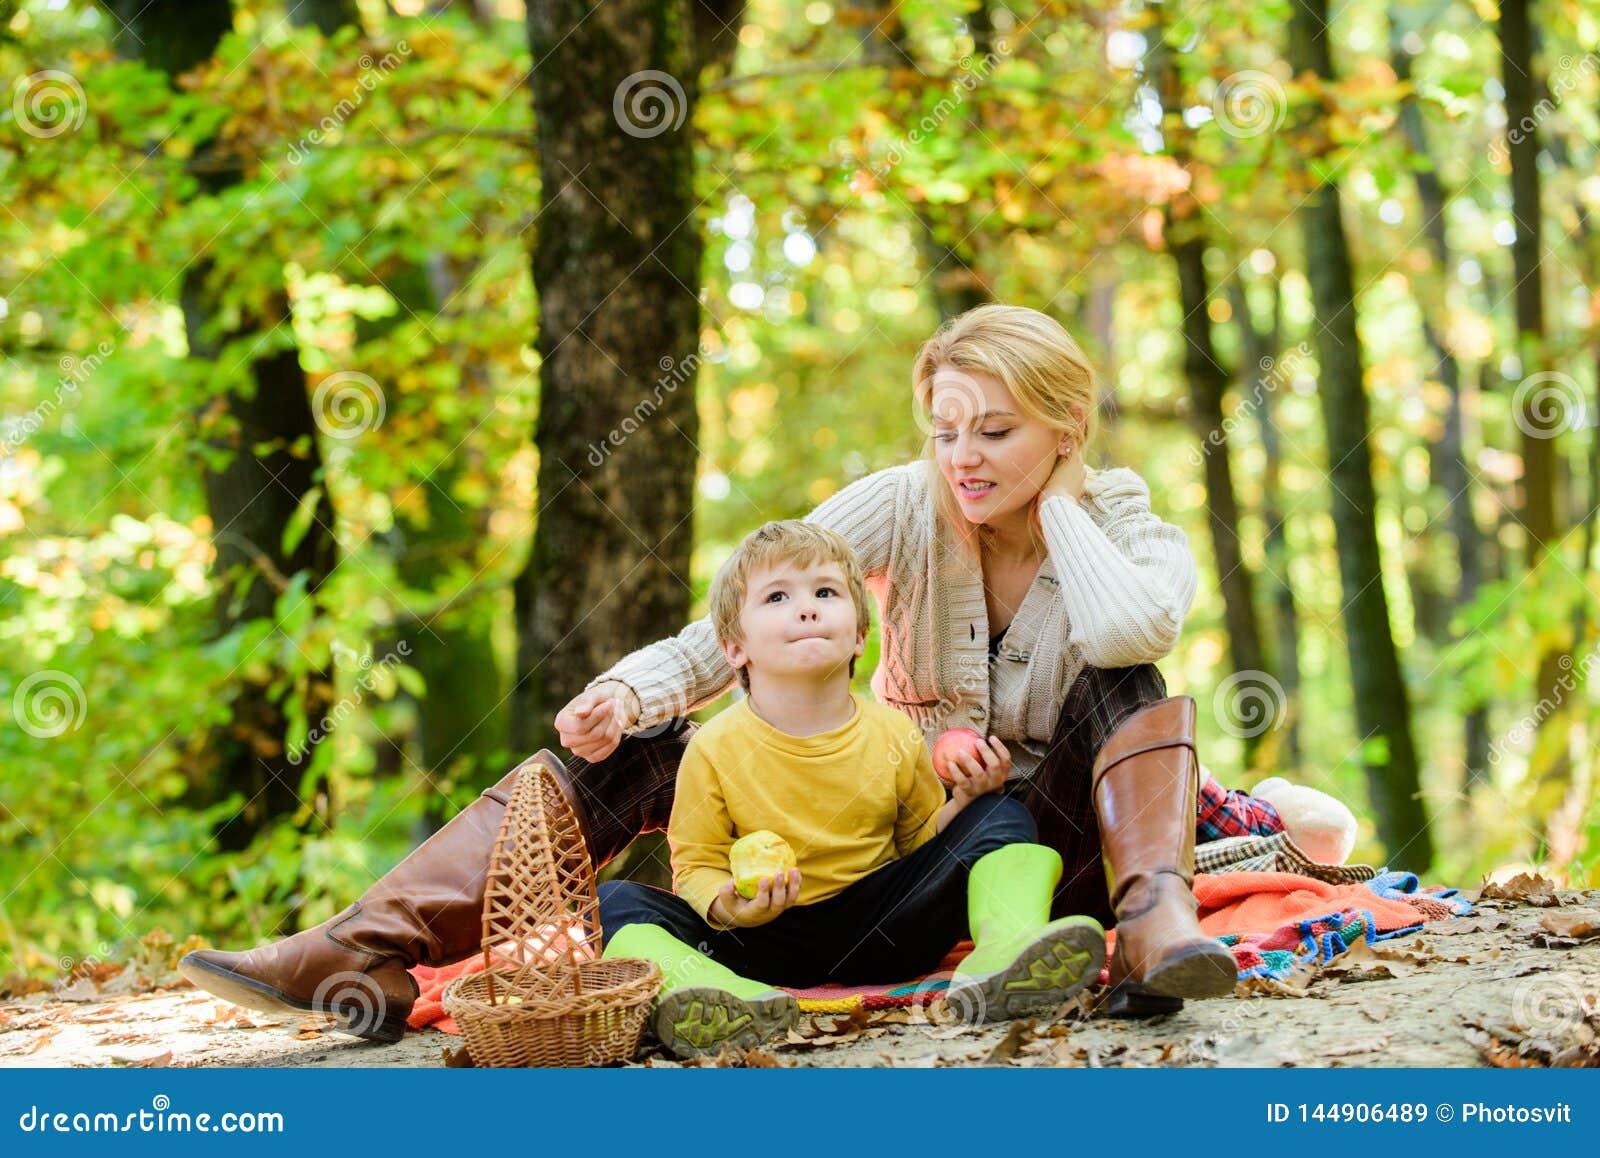 E r E 放松妈妈和孩子的男孩,当远足时